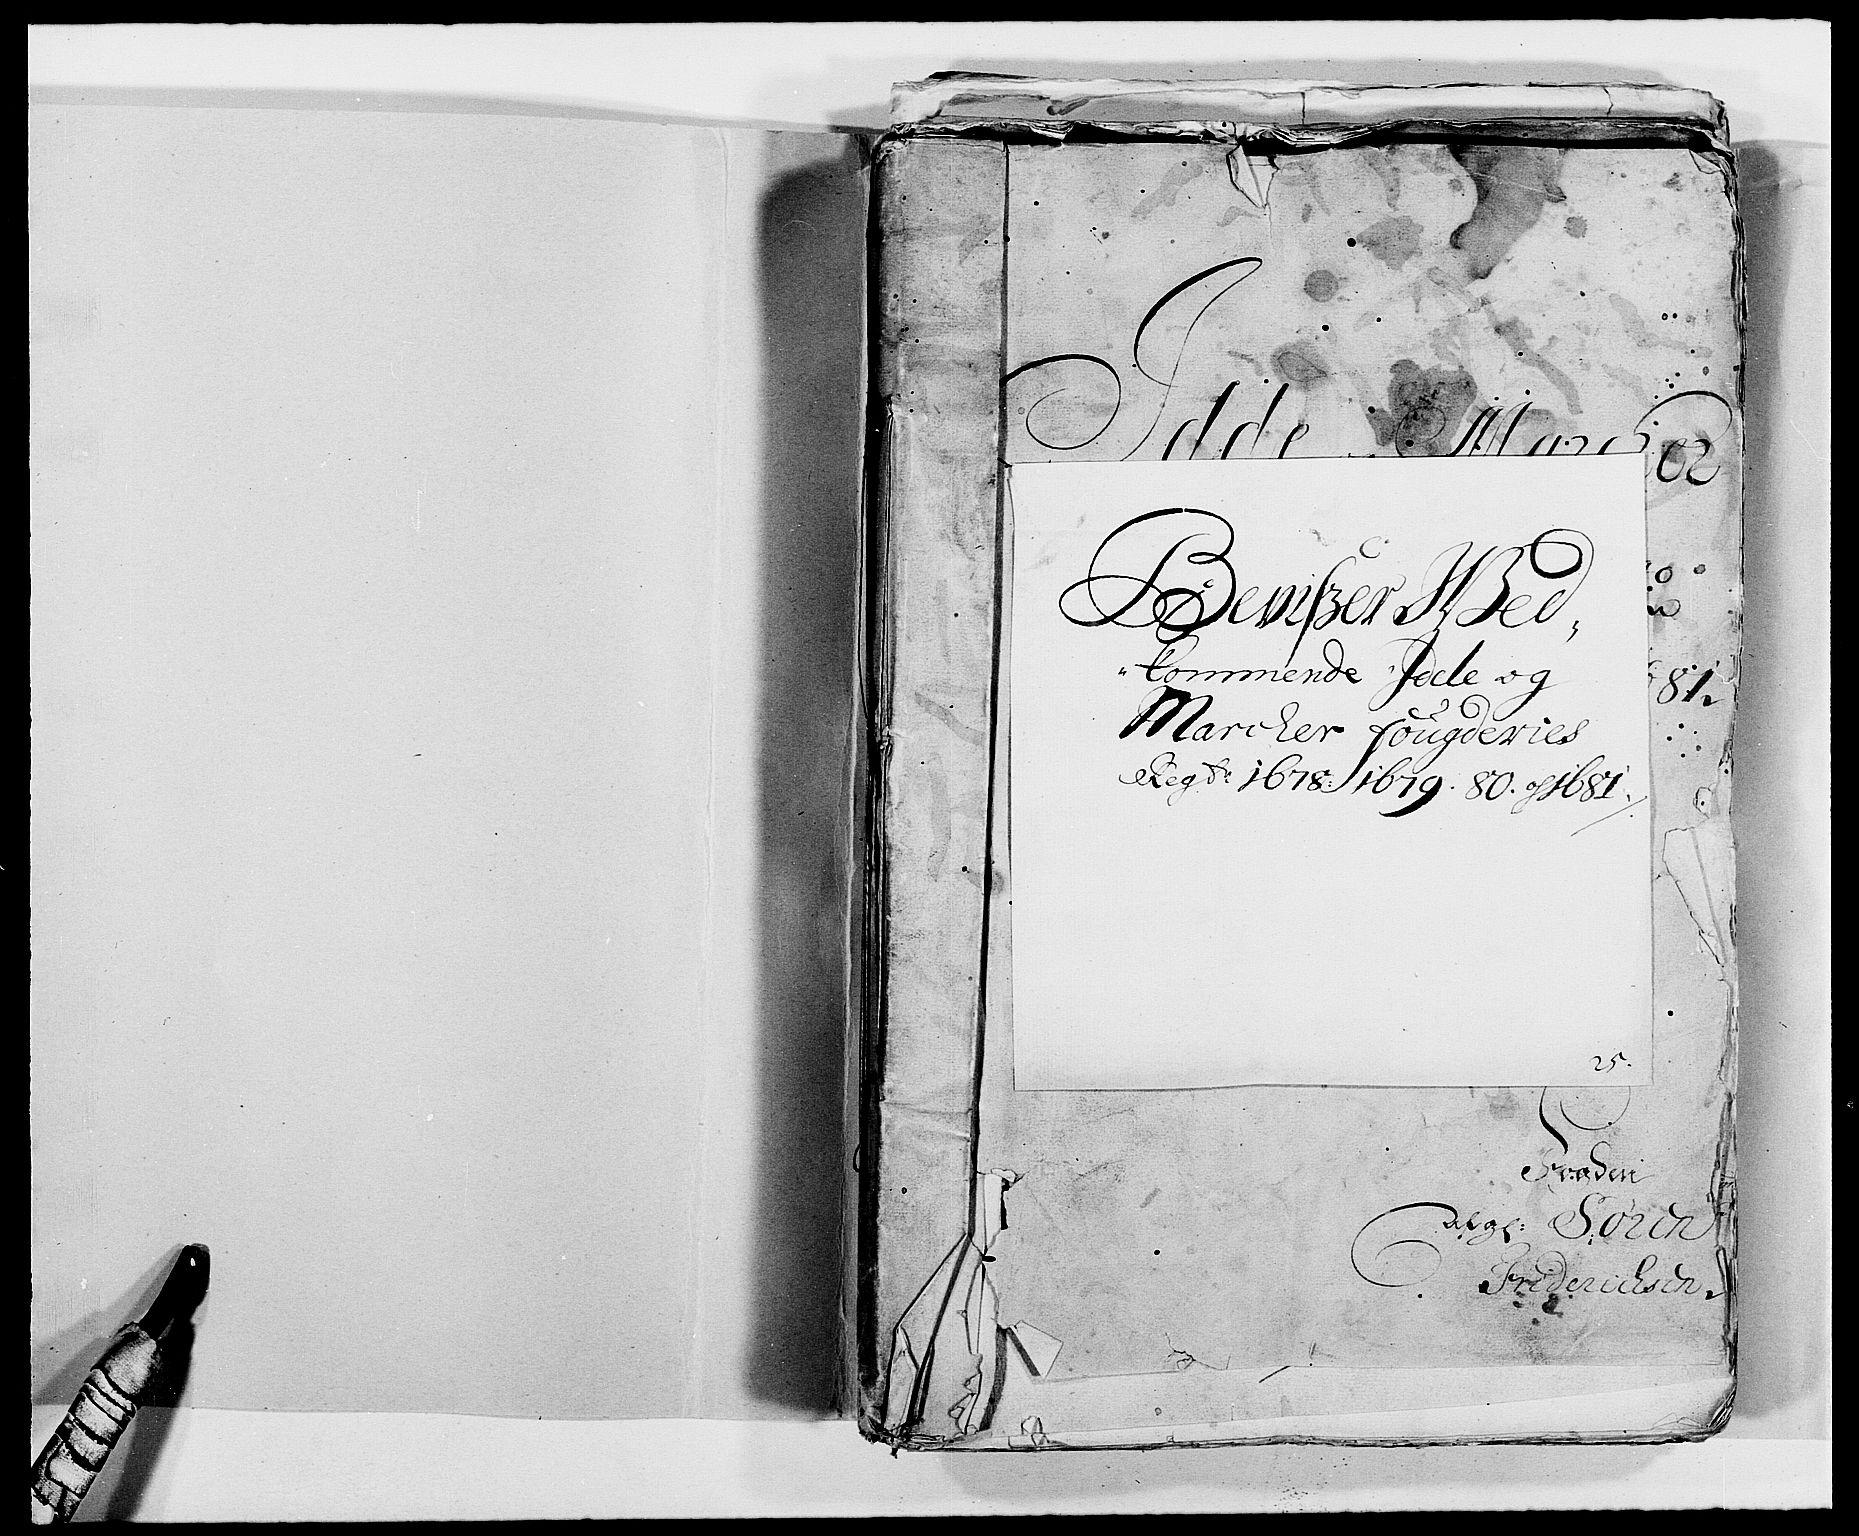 RA, Rentekammeret inntil 1814, Reviderte regnskaper, Fogderegnskap, R01/L0003: Fogderegnskap Idd og Marker, 1678-1681, s. 255